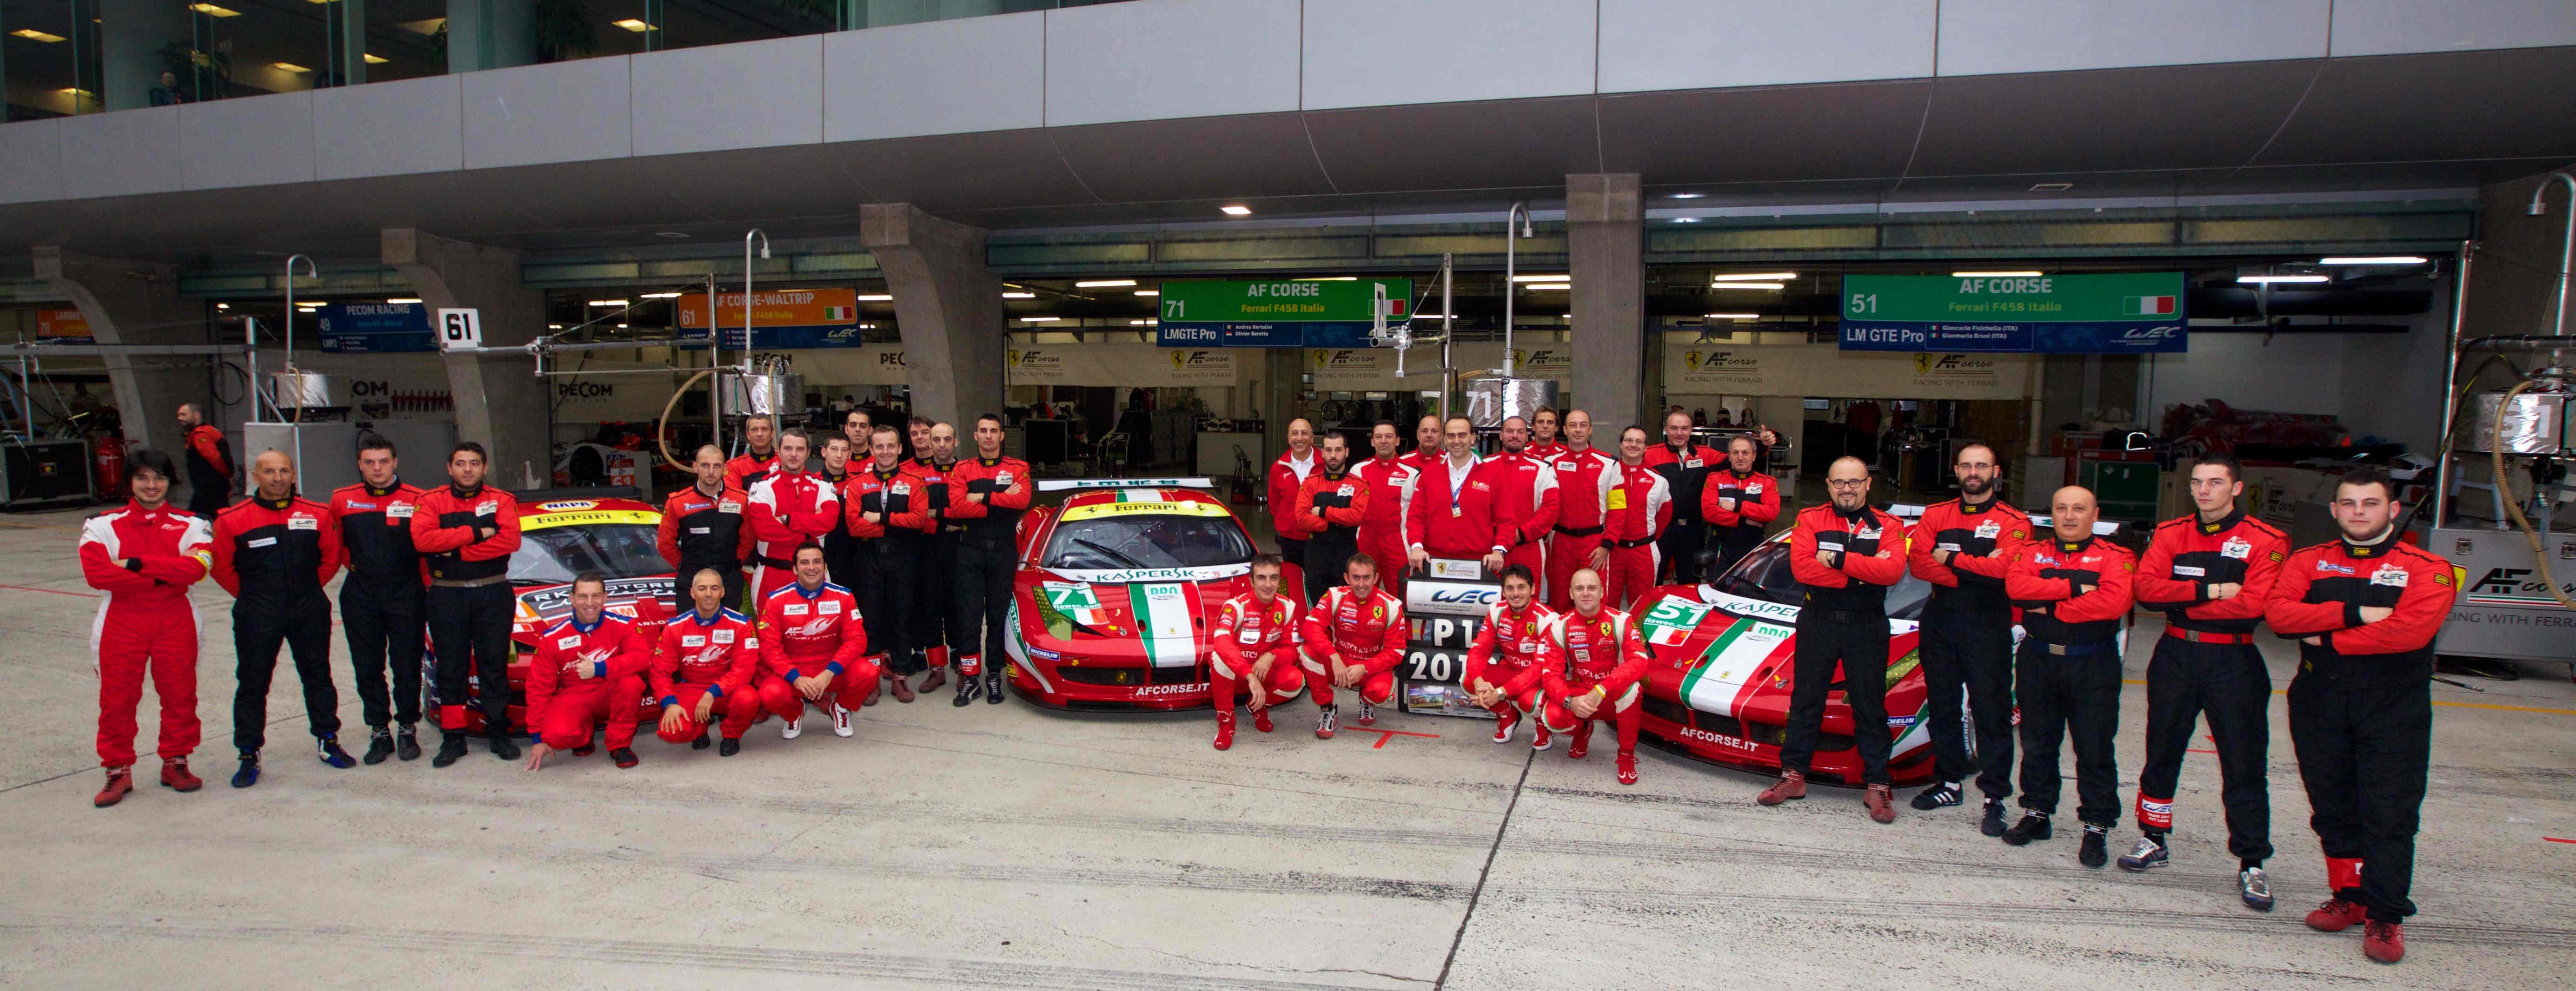 法拉利夺得勒芒GT专业组制造商总冠军